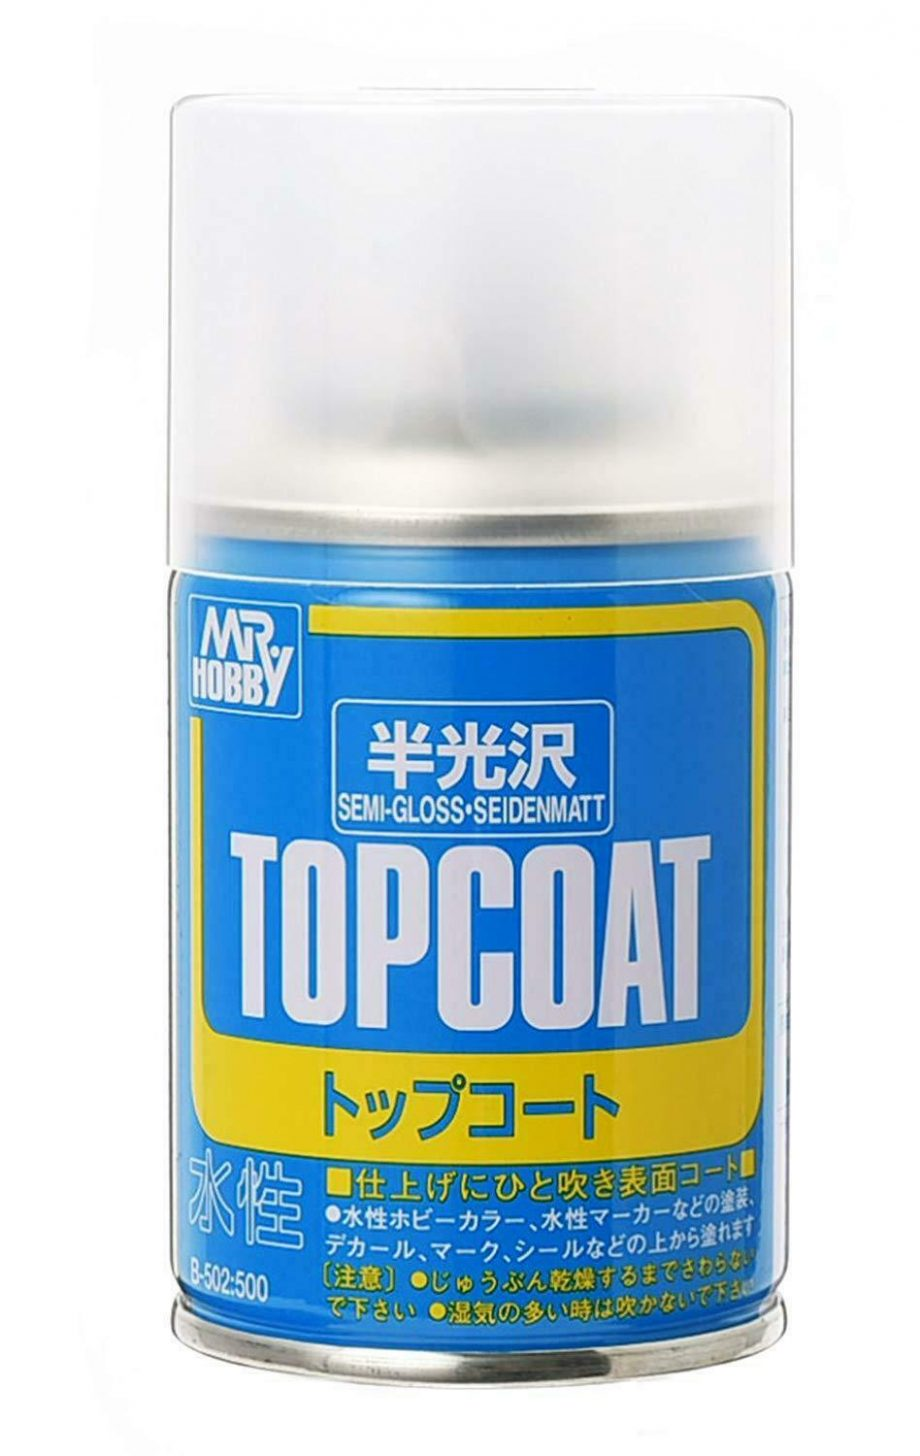 Mr Top Coat Semi Gloss